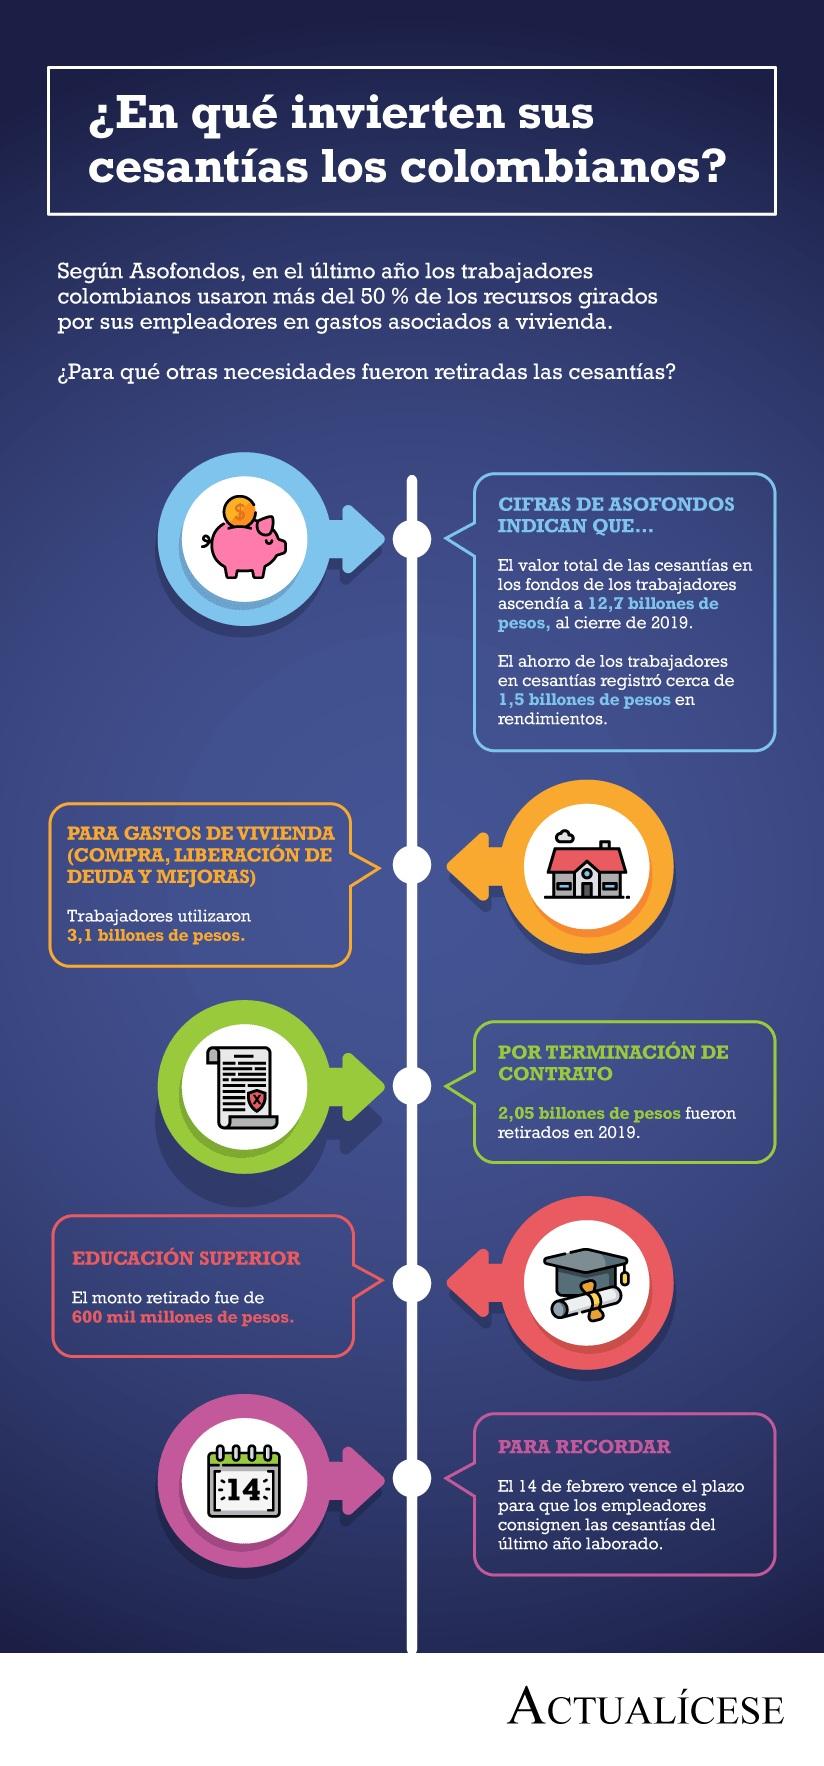 [Infografía] ¿En qué invierten sus cesantías los colombianos?